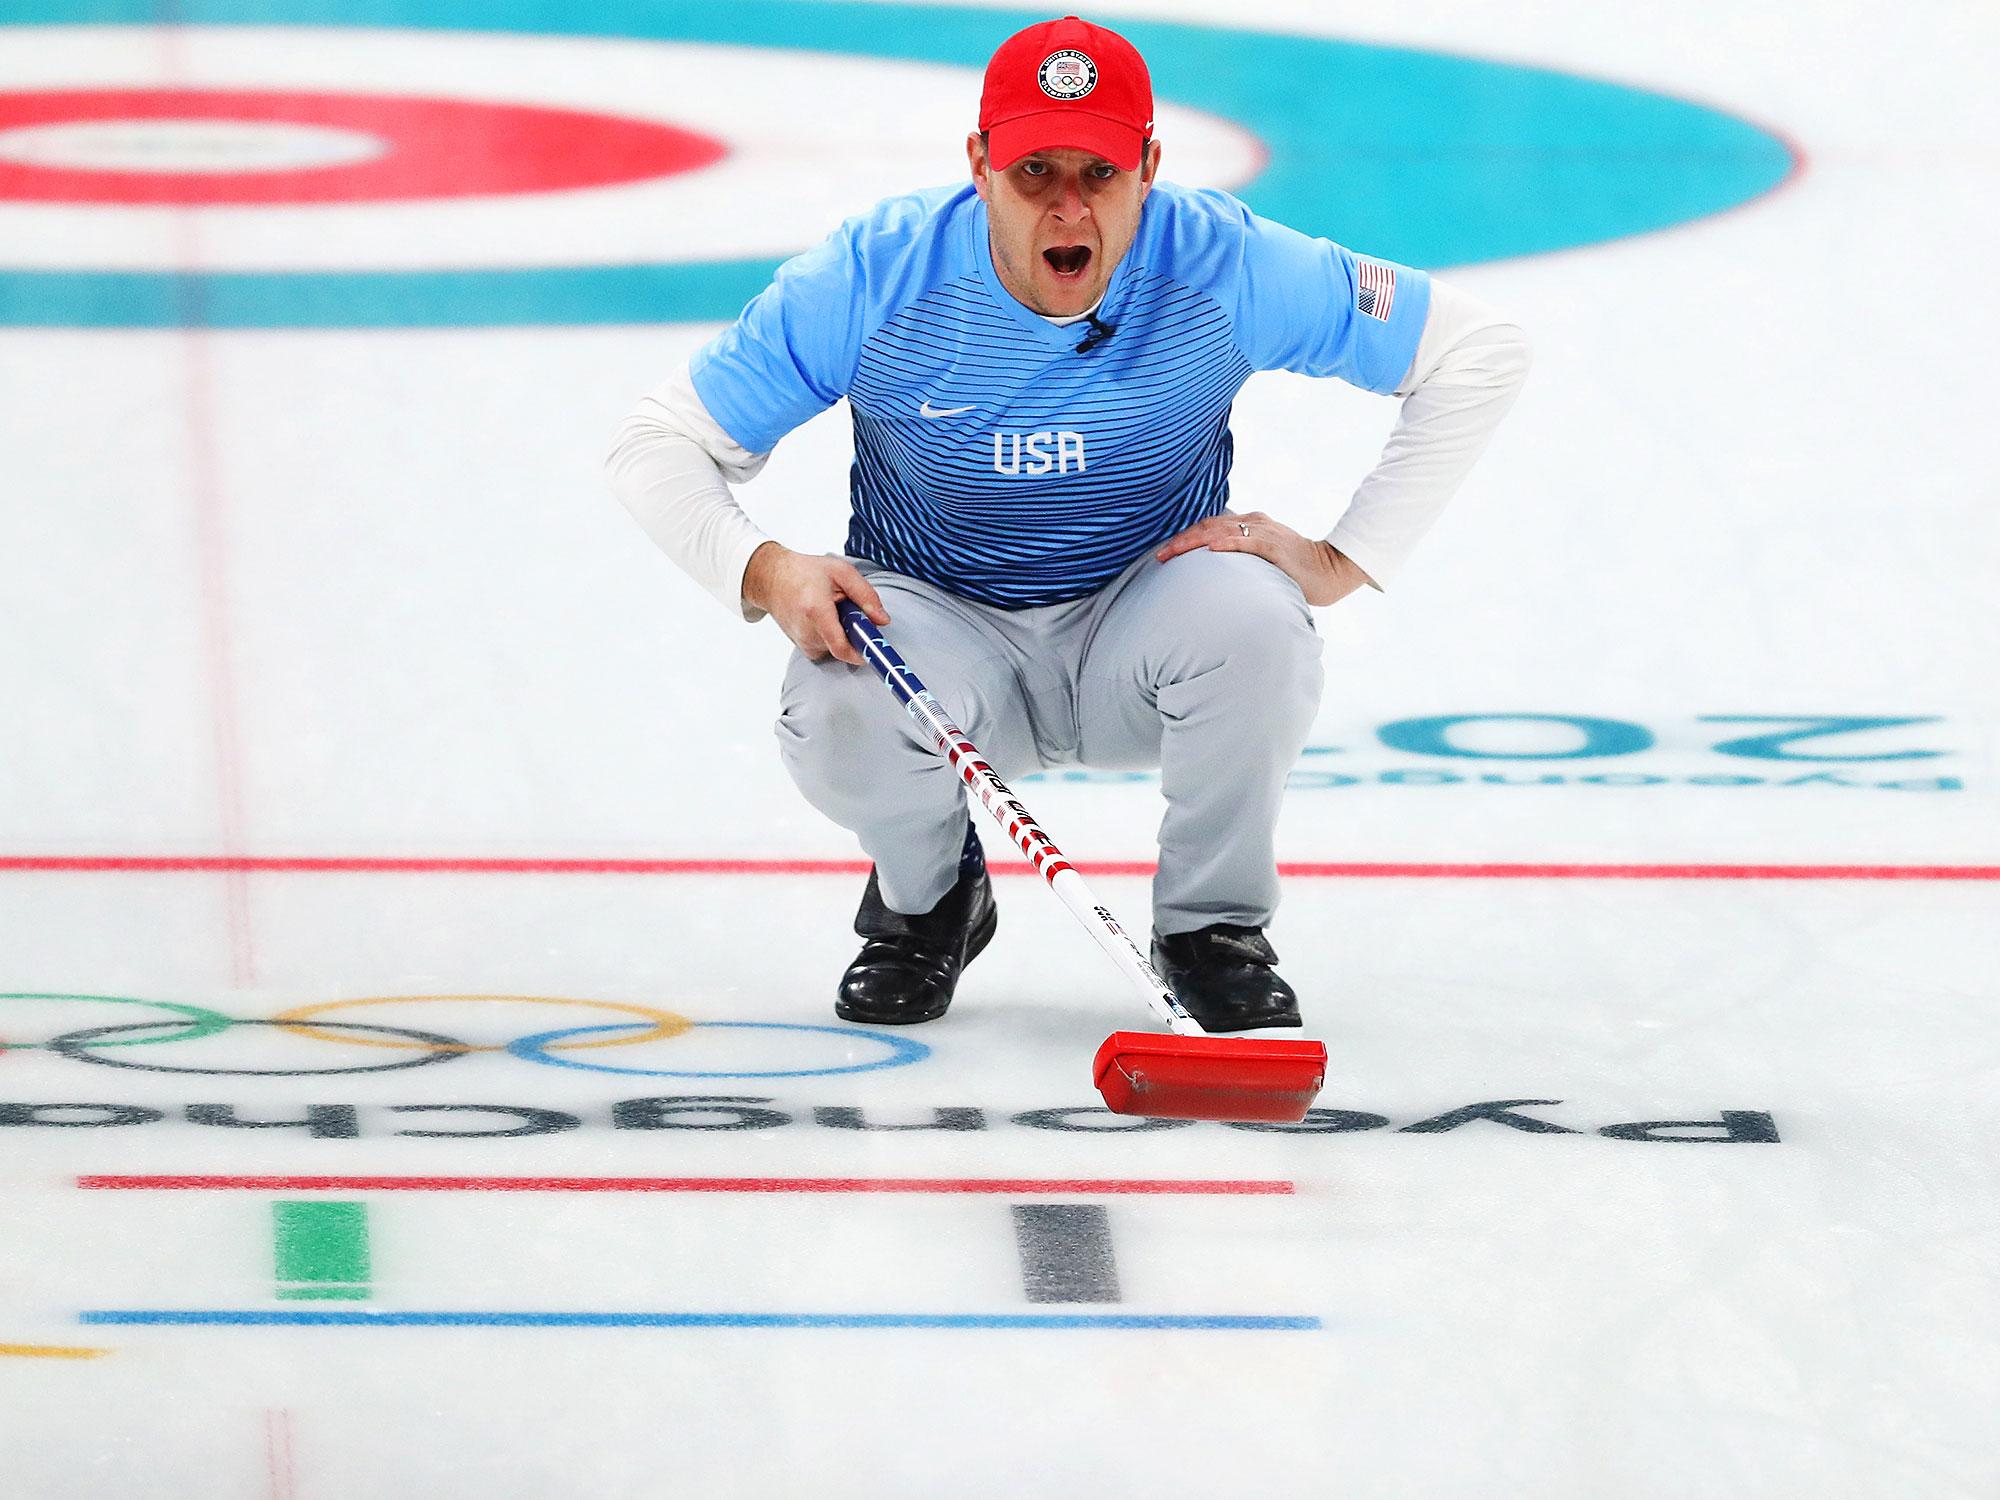 Resultado de imagen para usa curling